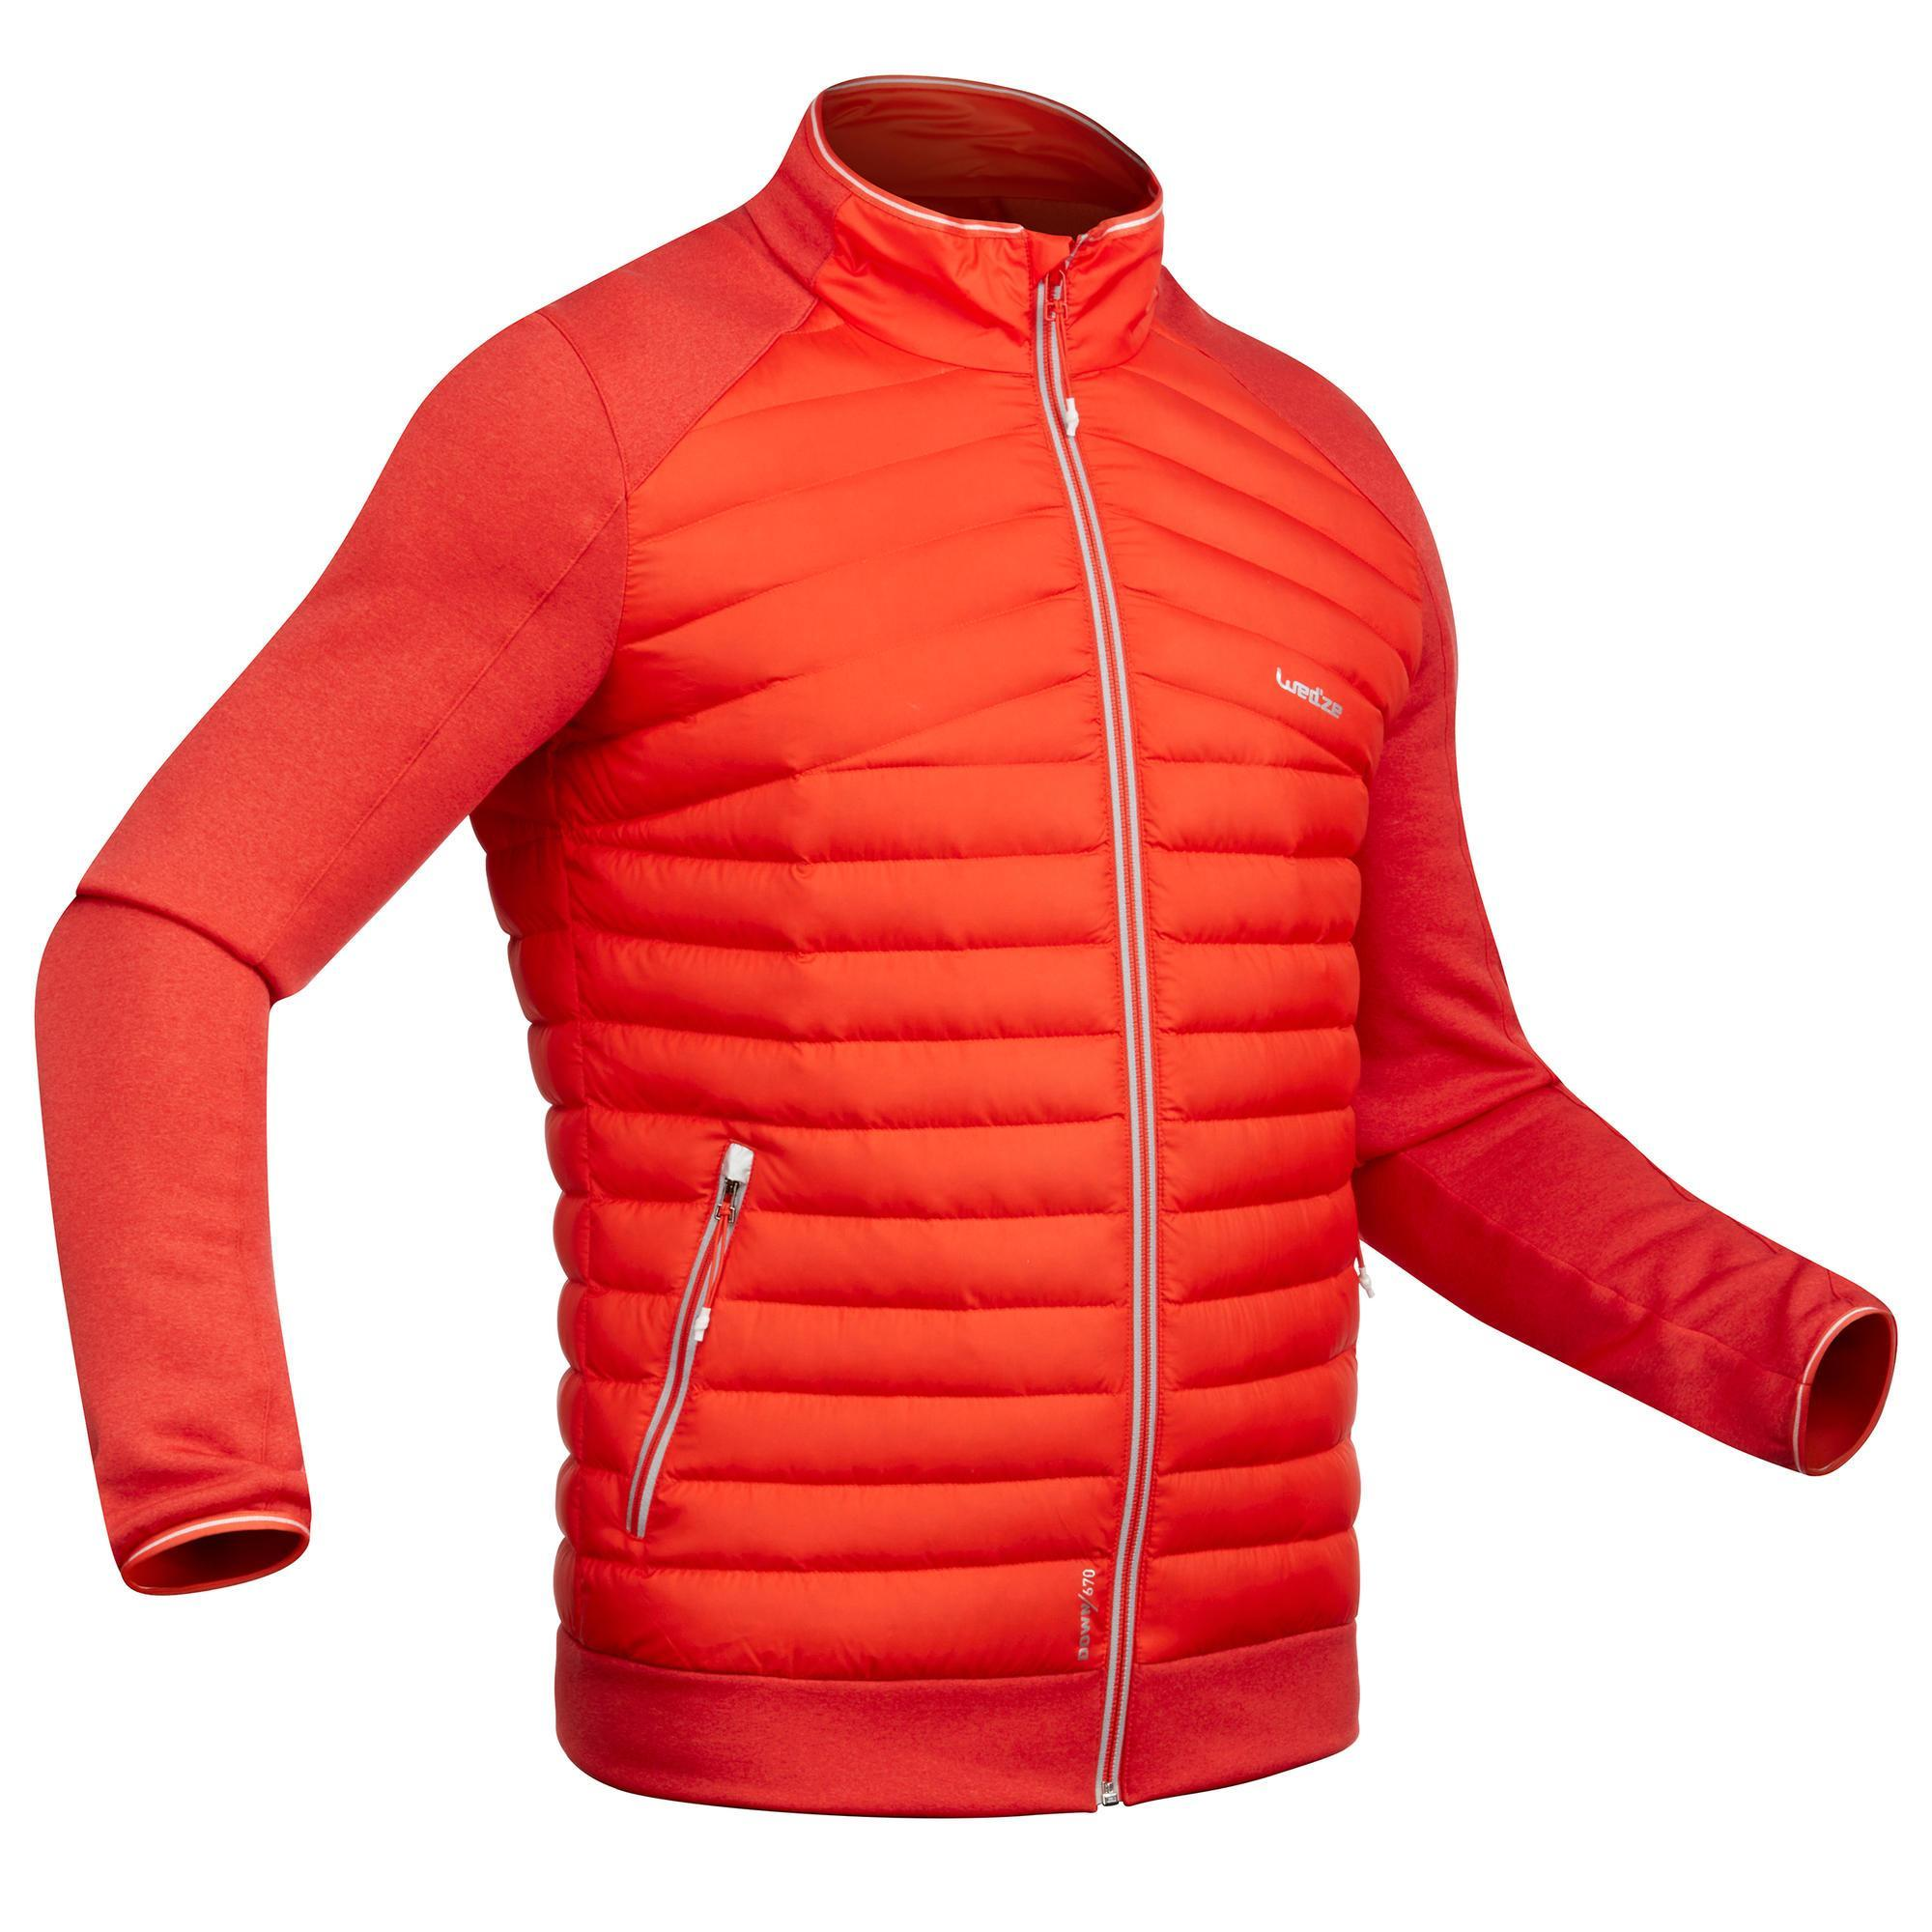 684c797c94c1 Comprar Ropa de Esquí y Nieve online | Decathlon